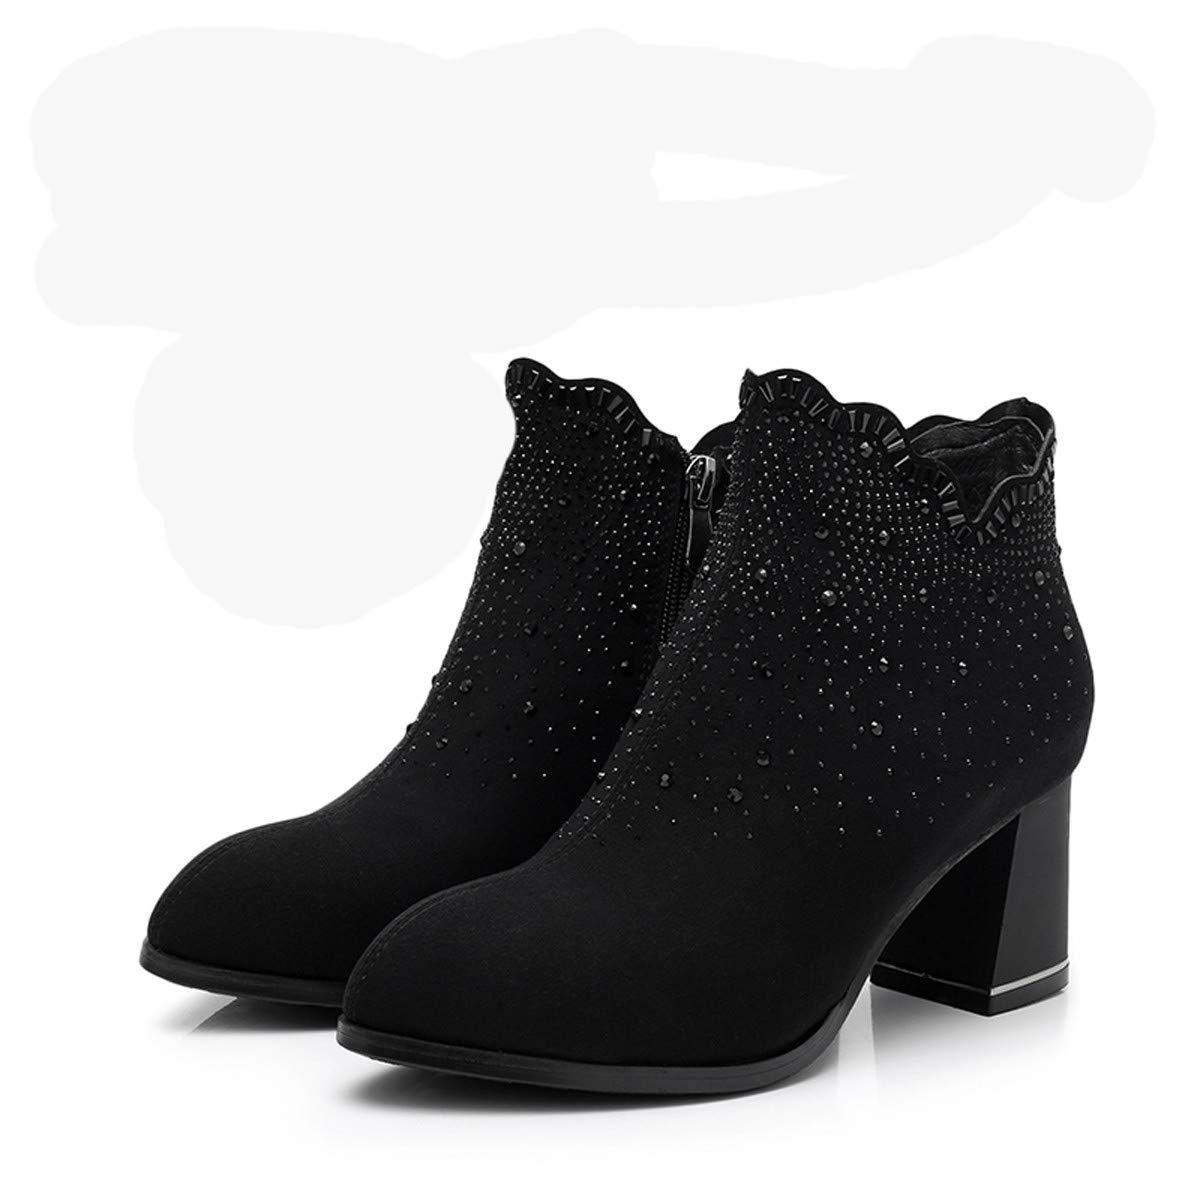 KPHY Damenschuhe Mode - Stiefel Eleganten Hochhackigen Hochhackigen Hochhackigen Stiefeln Und Hohe Freund Hart Merchandiser Stiefel. 7961eb